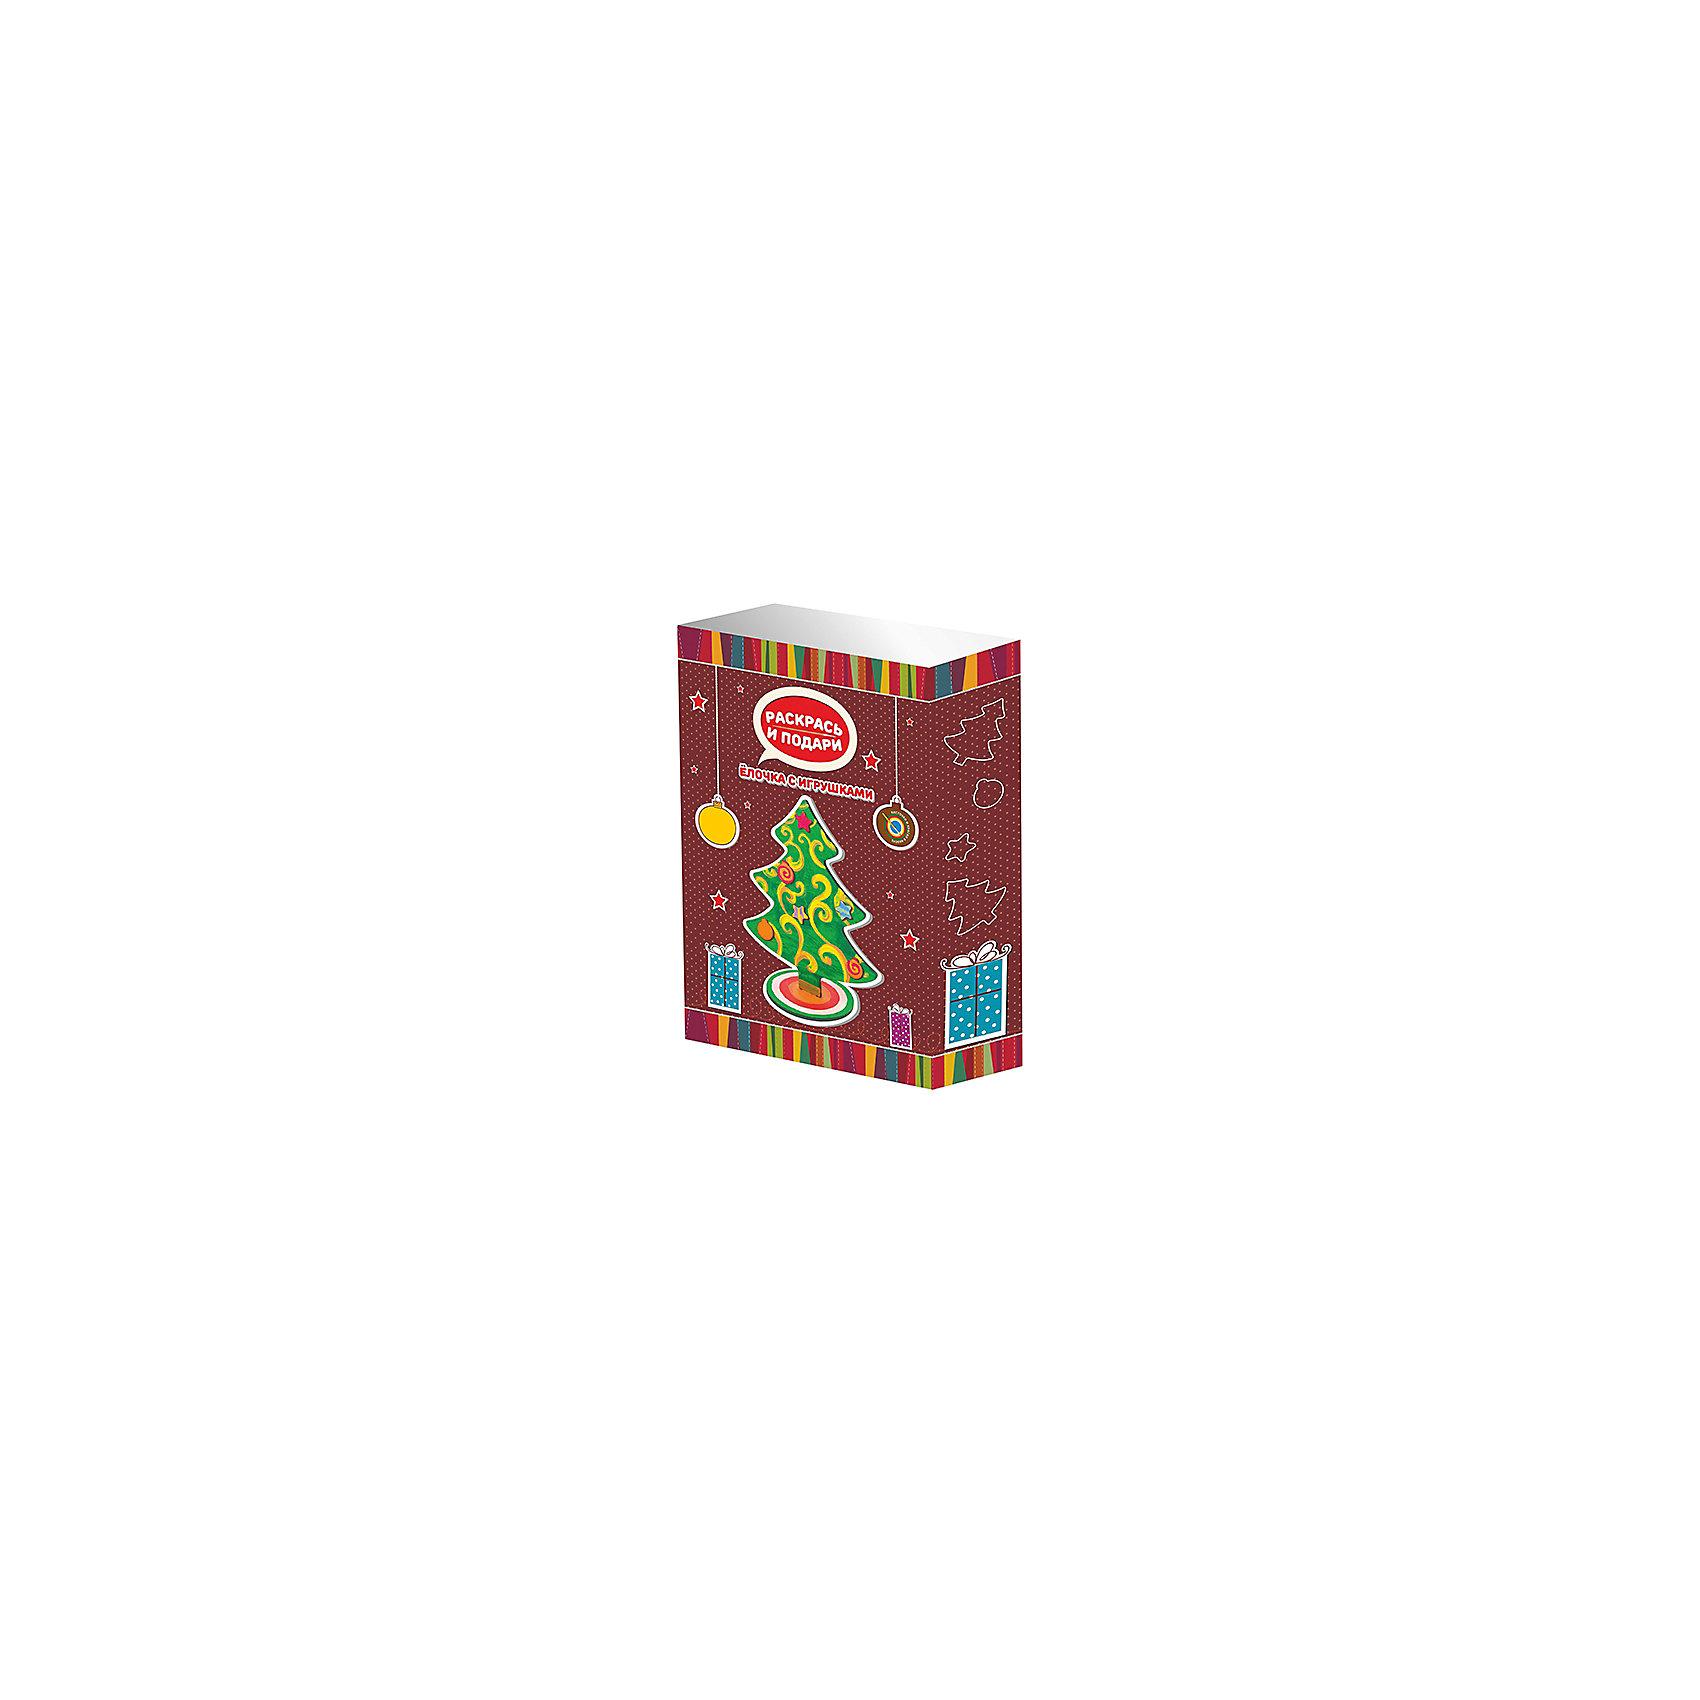 Бумбарам Набор для творчества Раскрась и подари - Елочка с игрушками Бумбарам бумбарам волшебные кристаллы синяя елочка